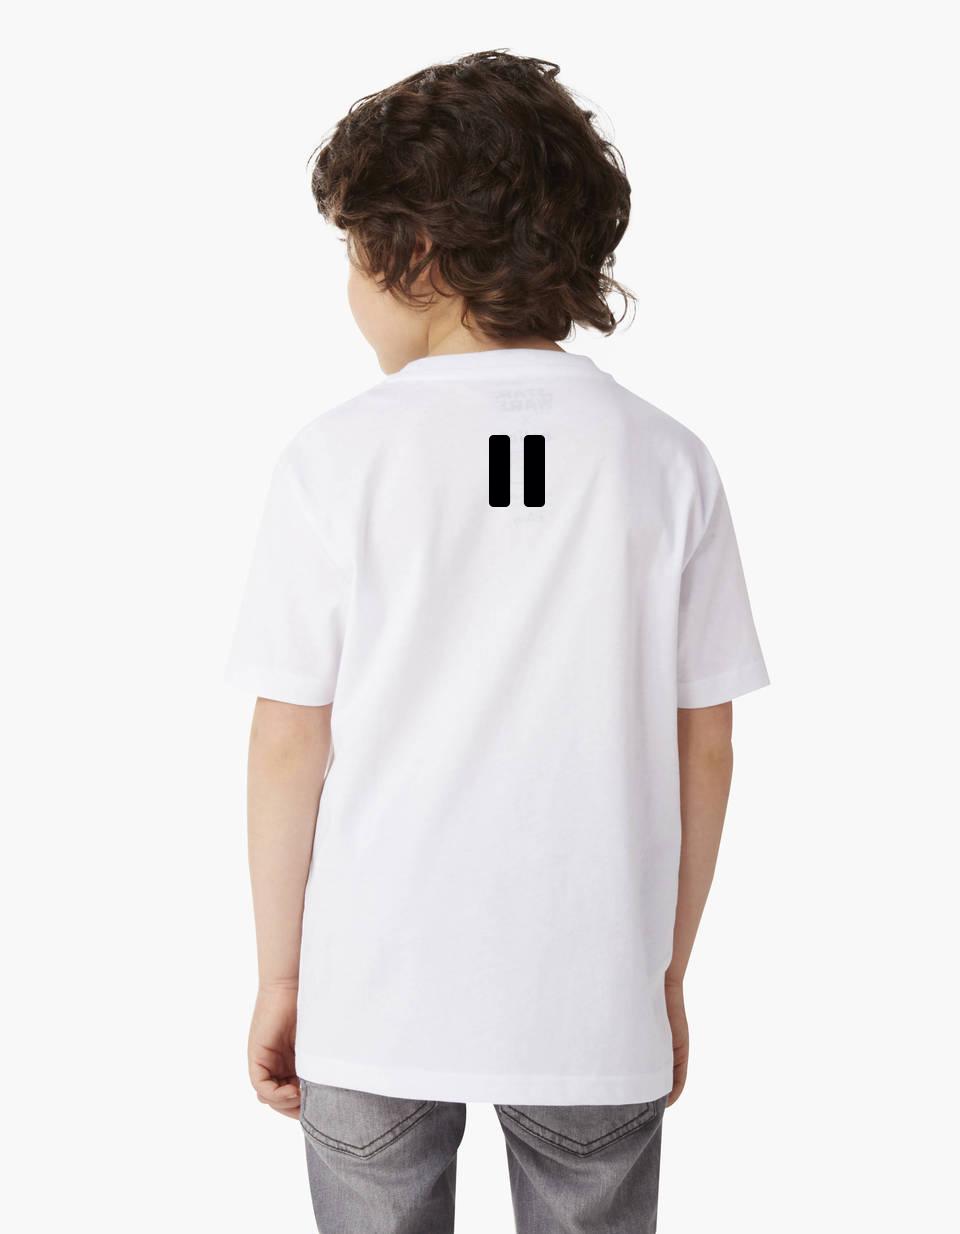 kideaz-t-shirt-enfant-pause